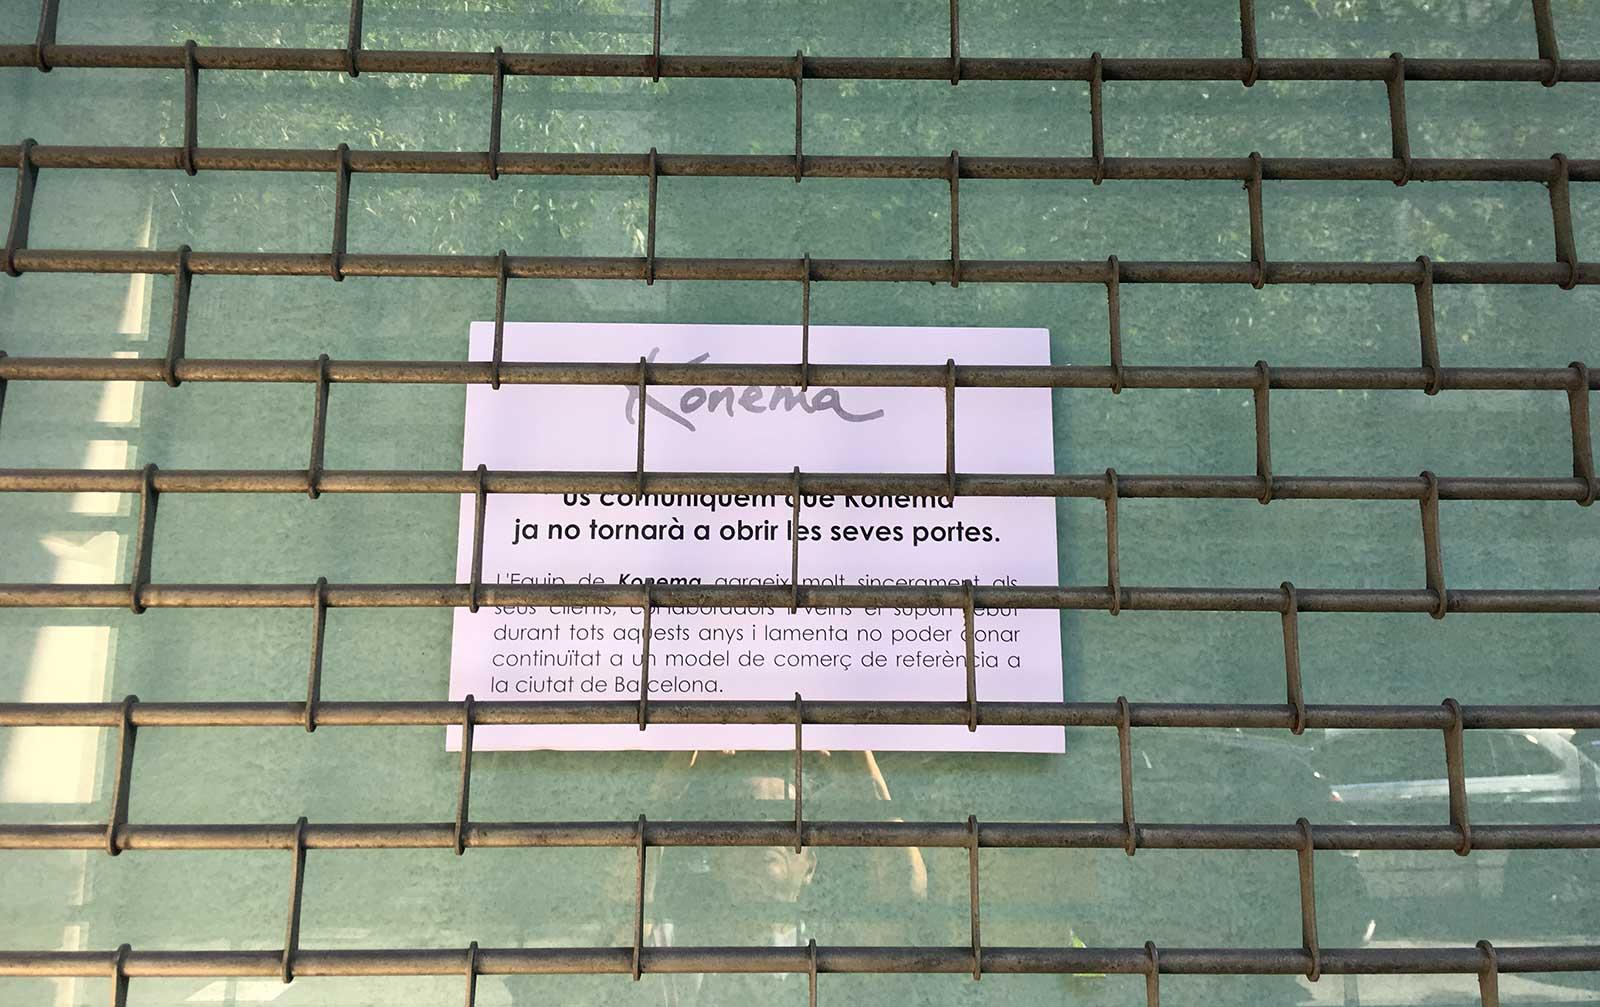 Konema ha cerrado (Barcelona, 1972 - 2019)